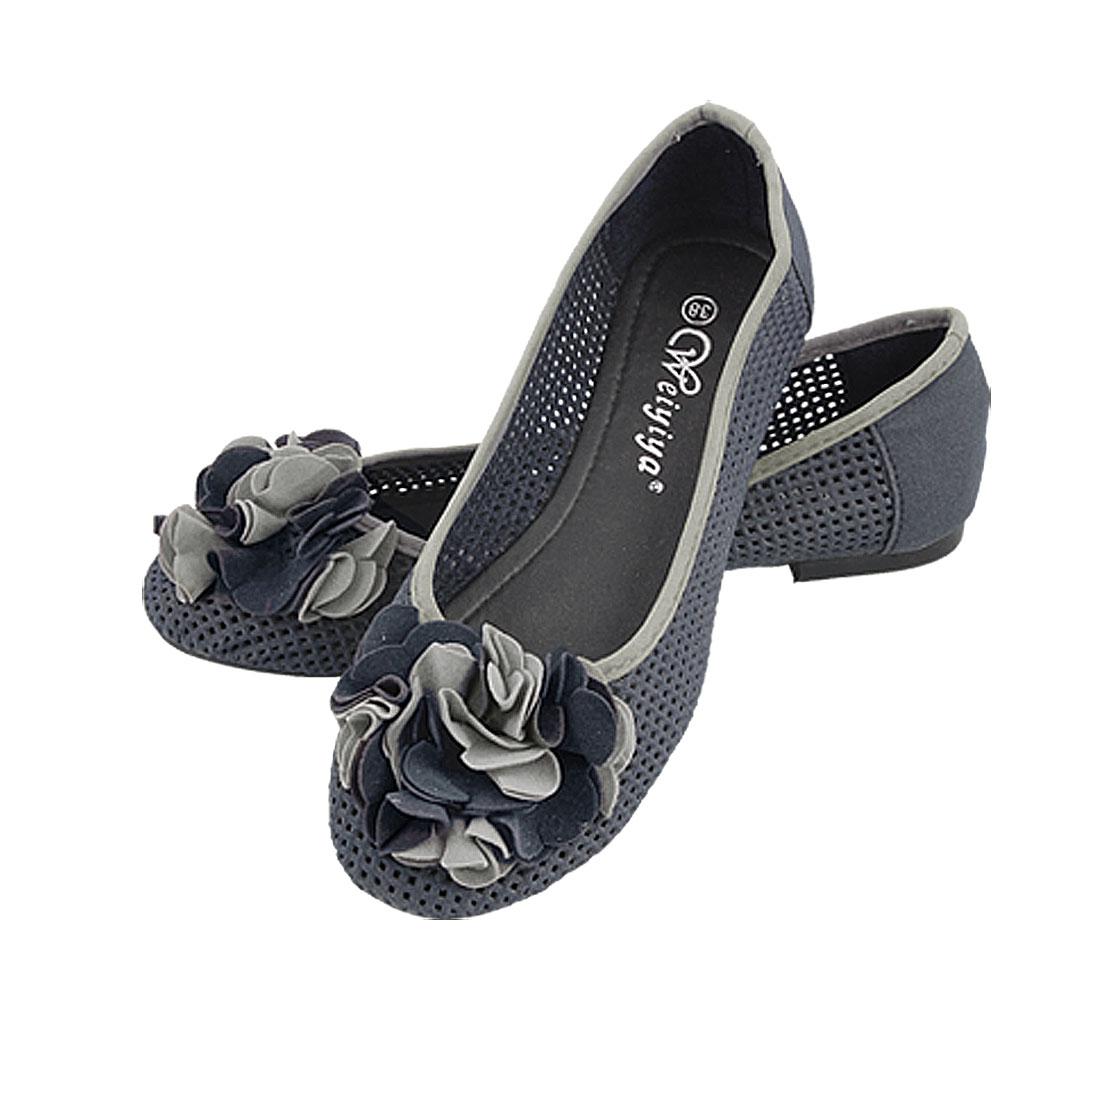 Ladies Blue Flower Hole Shoes Flat Pumps US 7.5